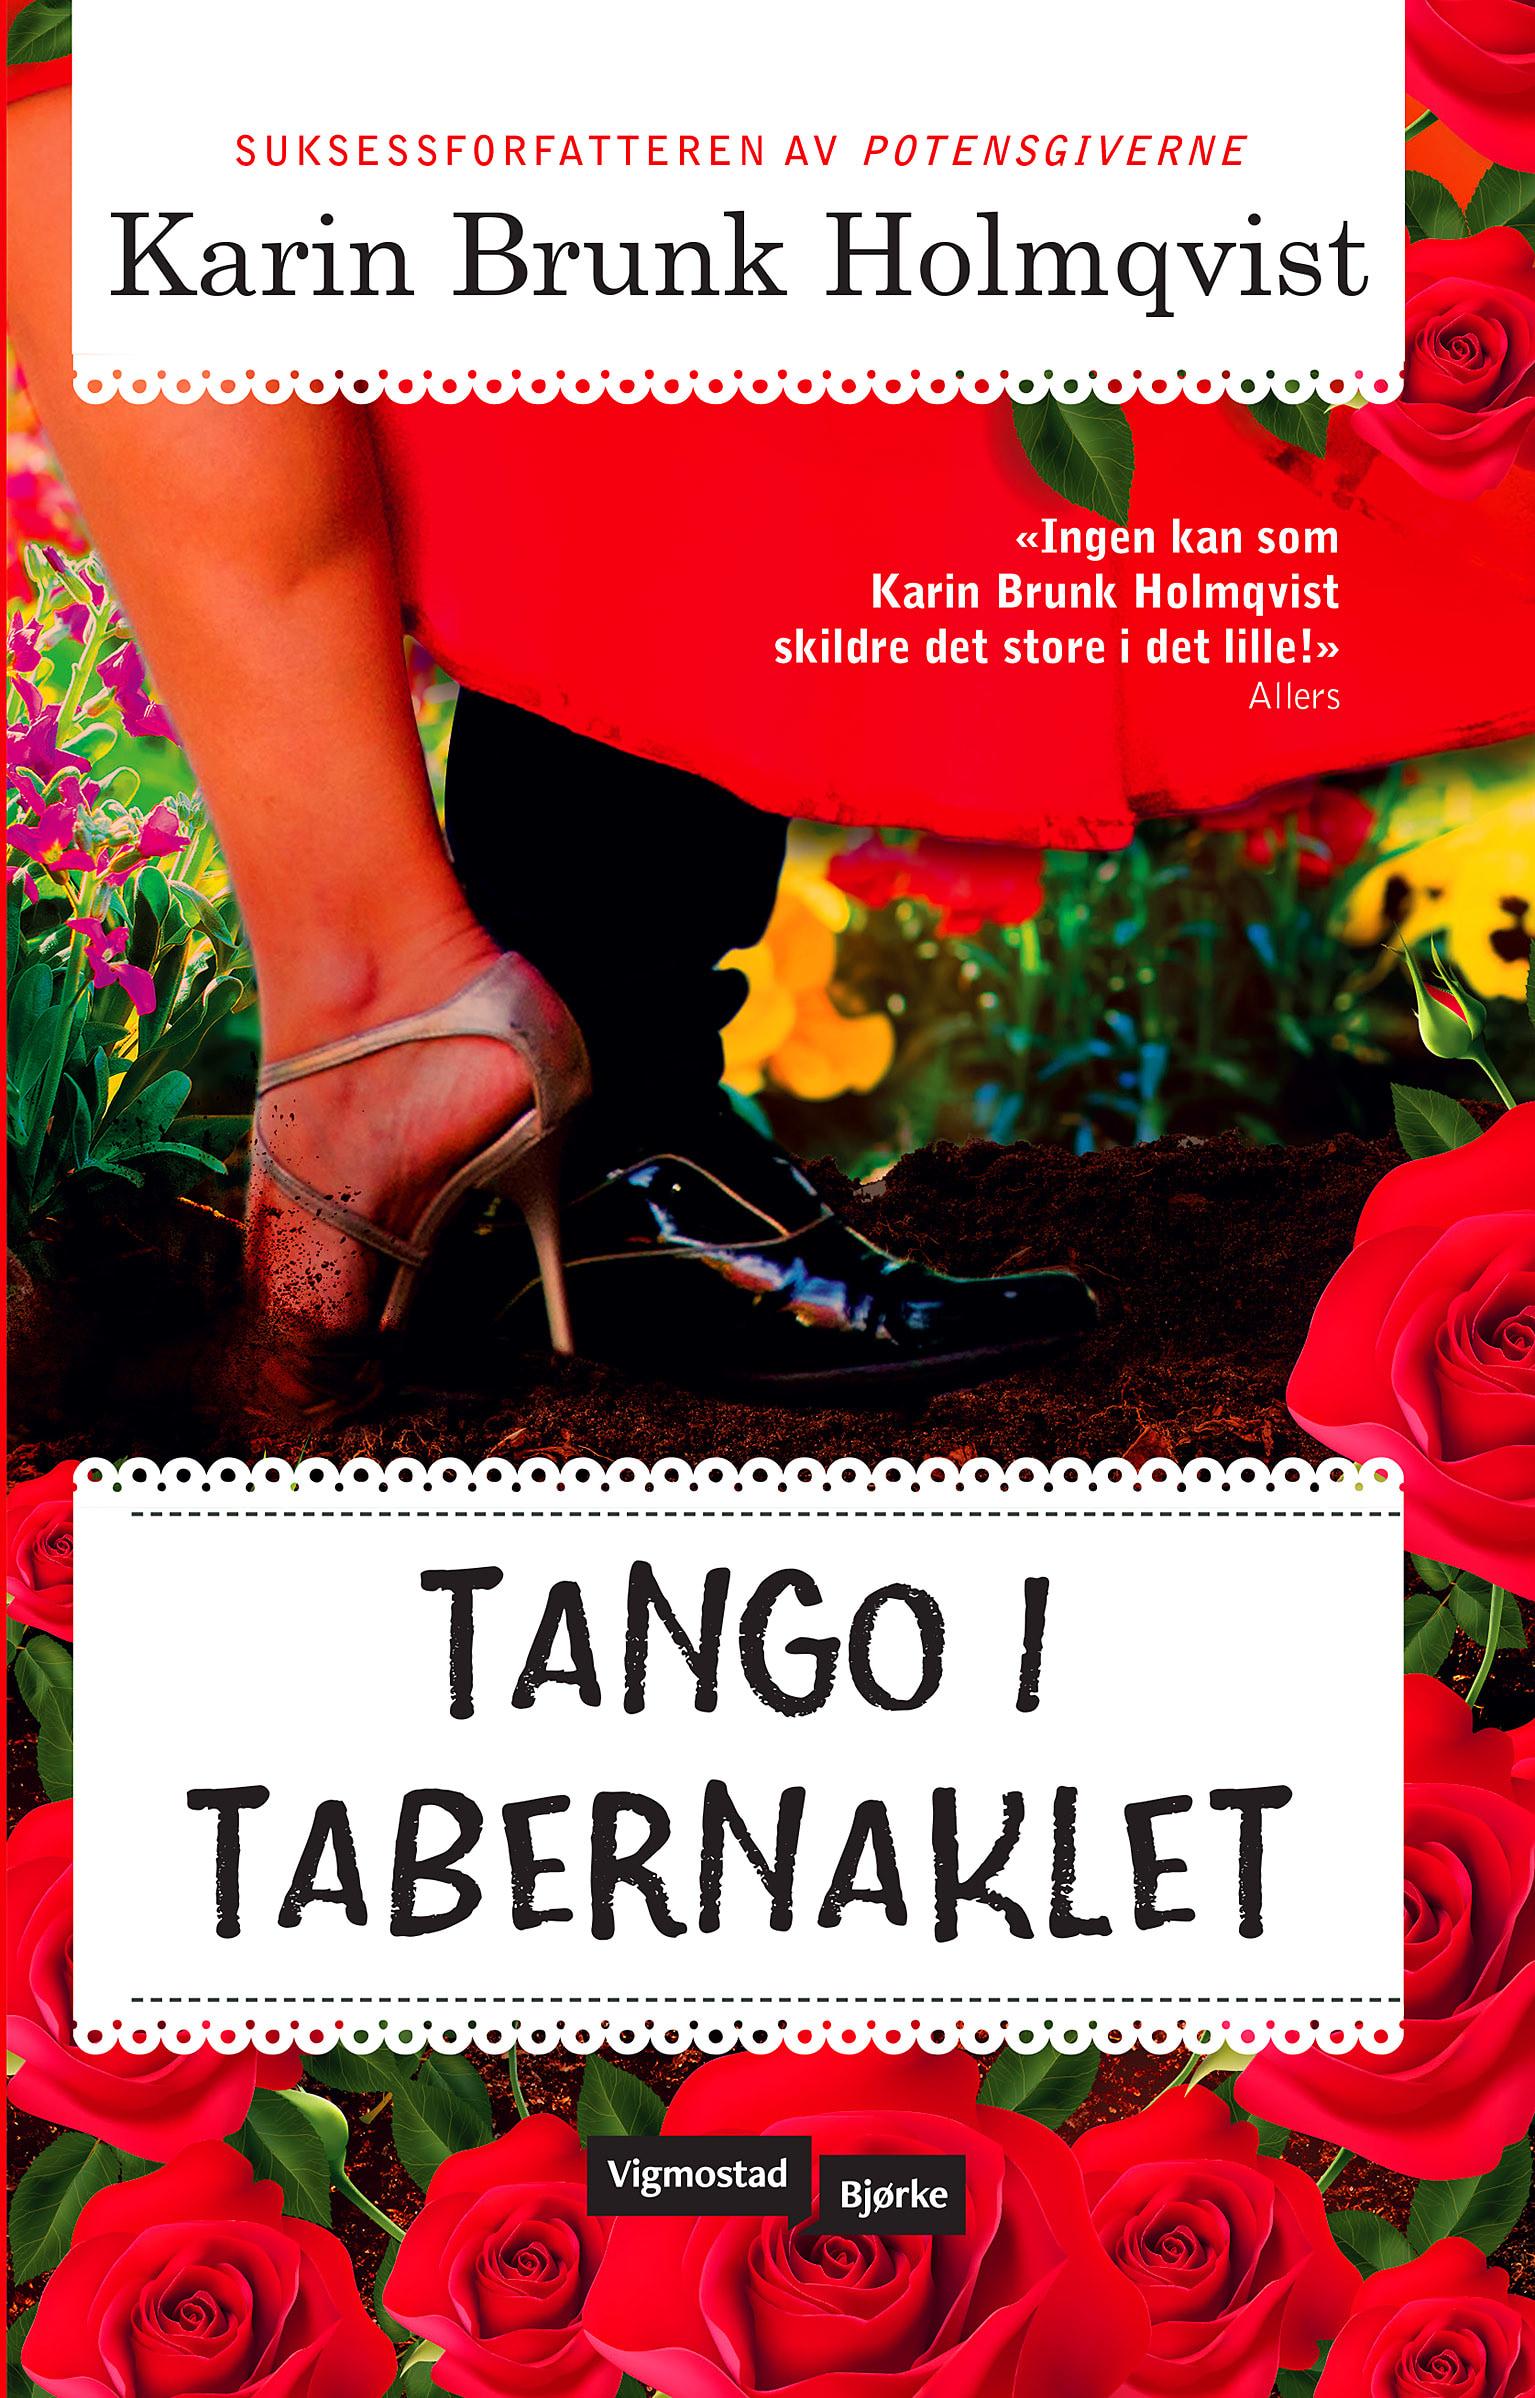 Den tidligere sverdslukerassistenten Kerttu har lagt tivolilivet bak seg og flyttet til fredelige Brösarp i Österlen. For ikke å bli rastløs bestemmer hun seg for å pusse opp uthuset og begynne med tangokurs.  Les mer